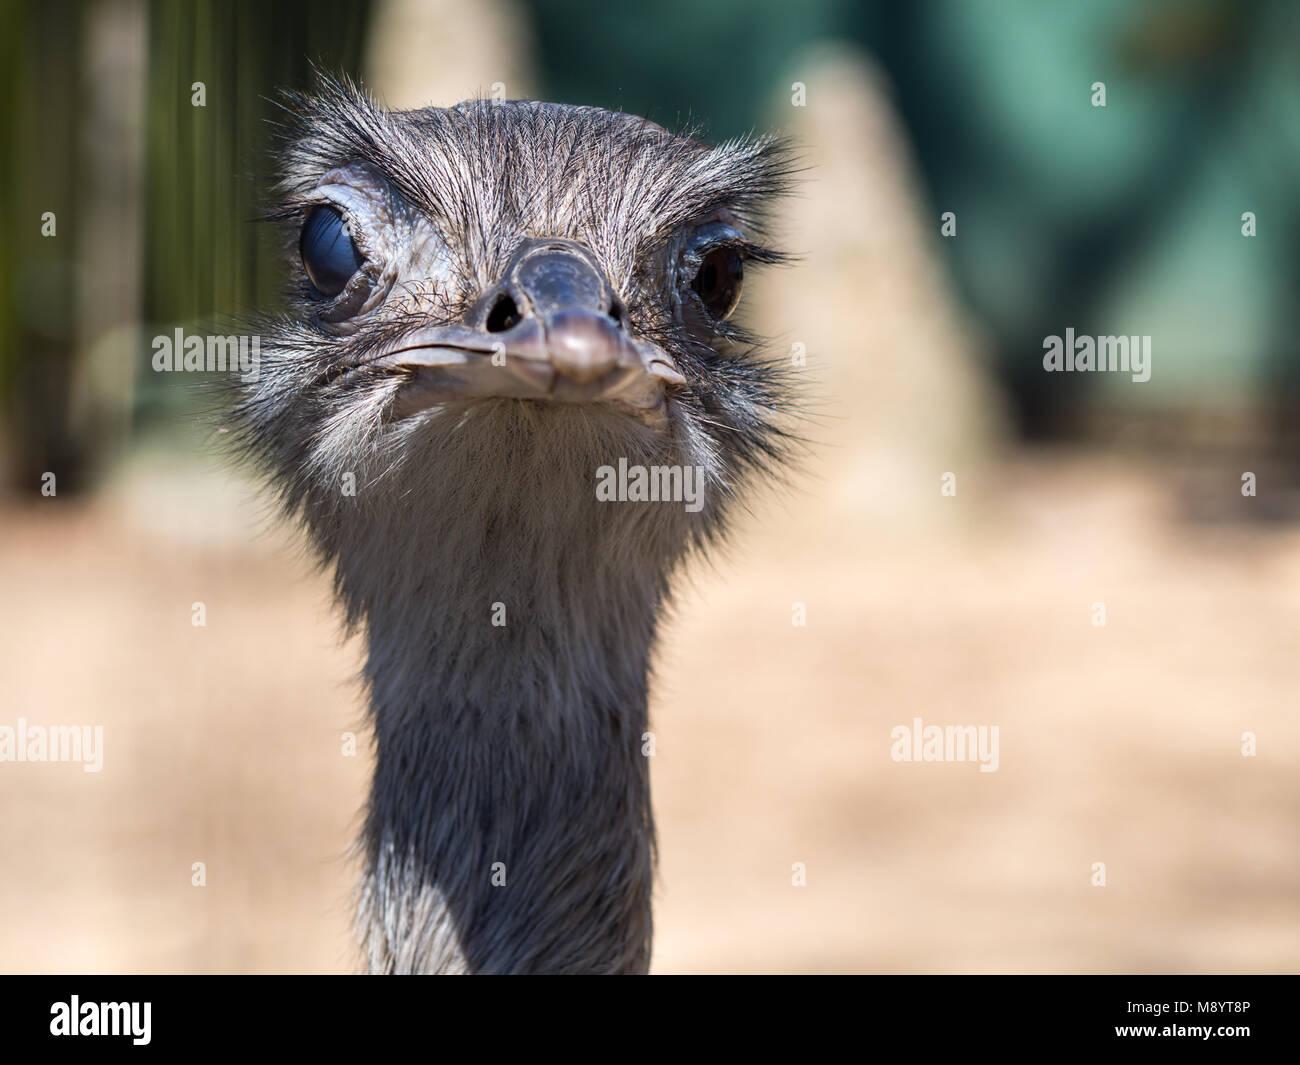 Avestruz cara mirando a la cámara, cerca de cabeza de avestruz Imagen De Stock